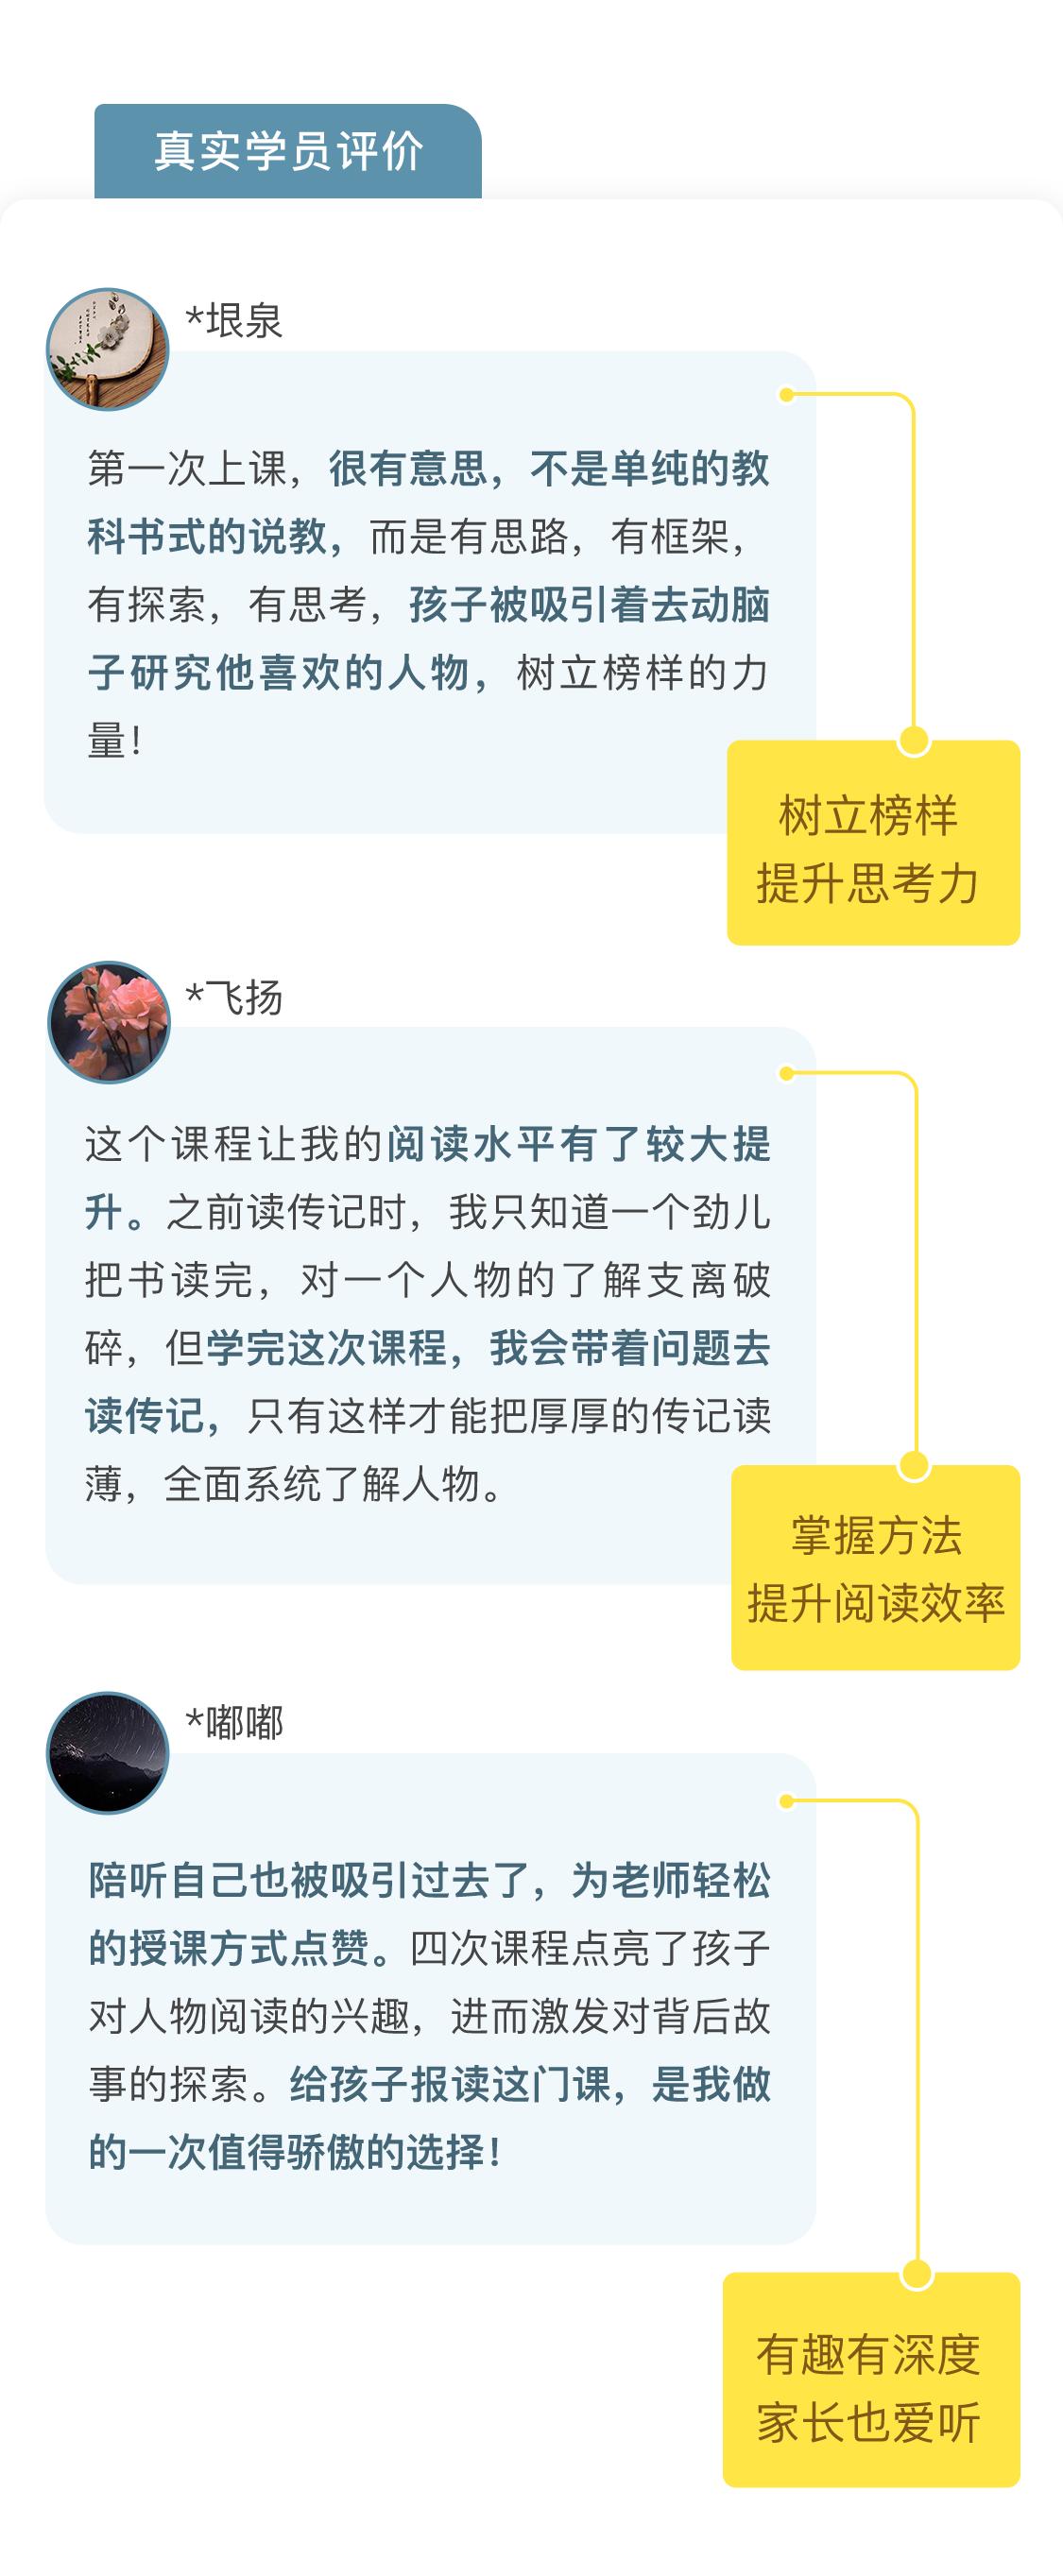 读传记-02_04.png